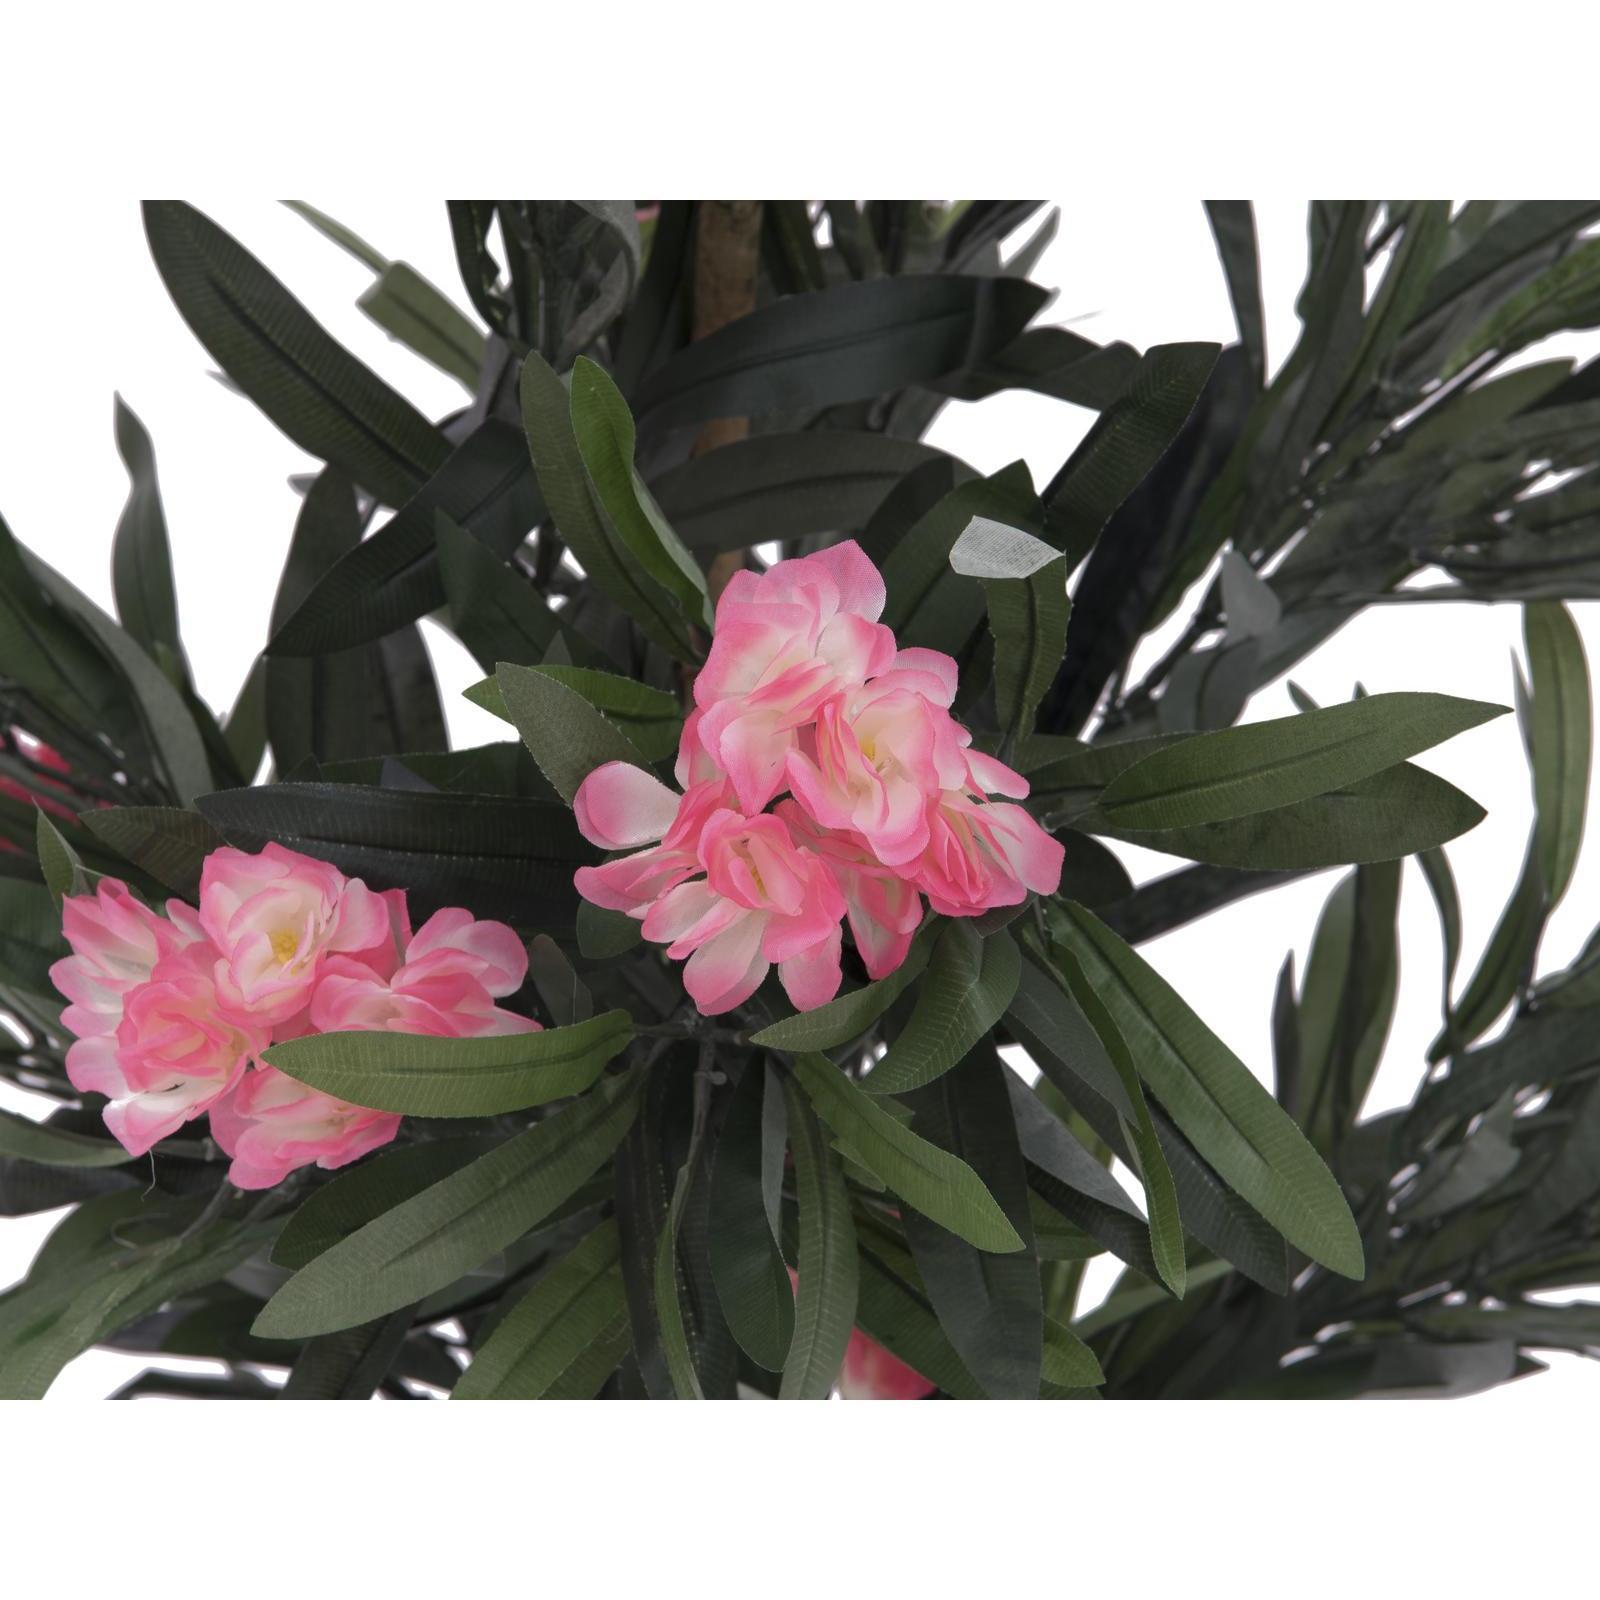 Europalms oleander tree pink 150 cm su mondospettacoli for Bougainvillea bonsai prezzo